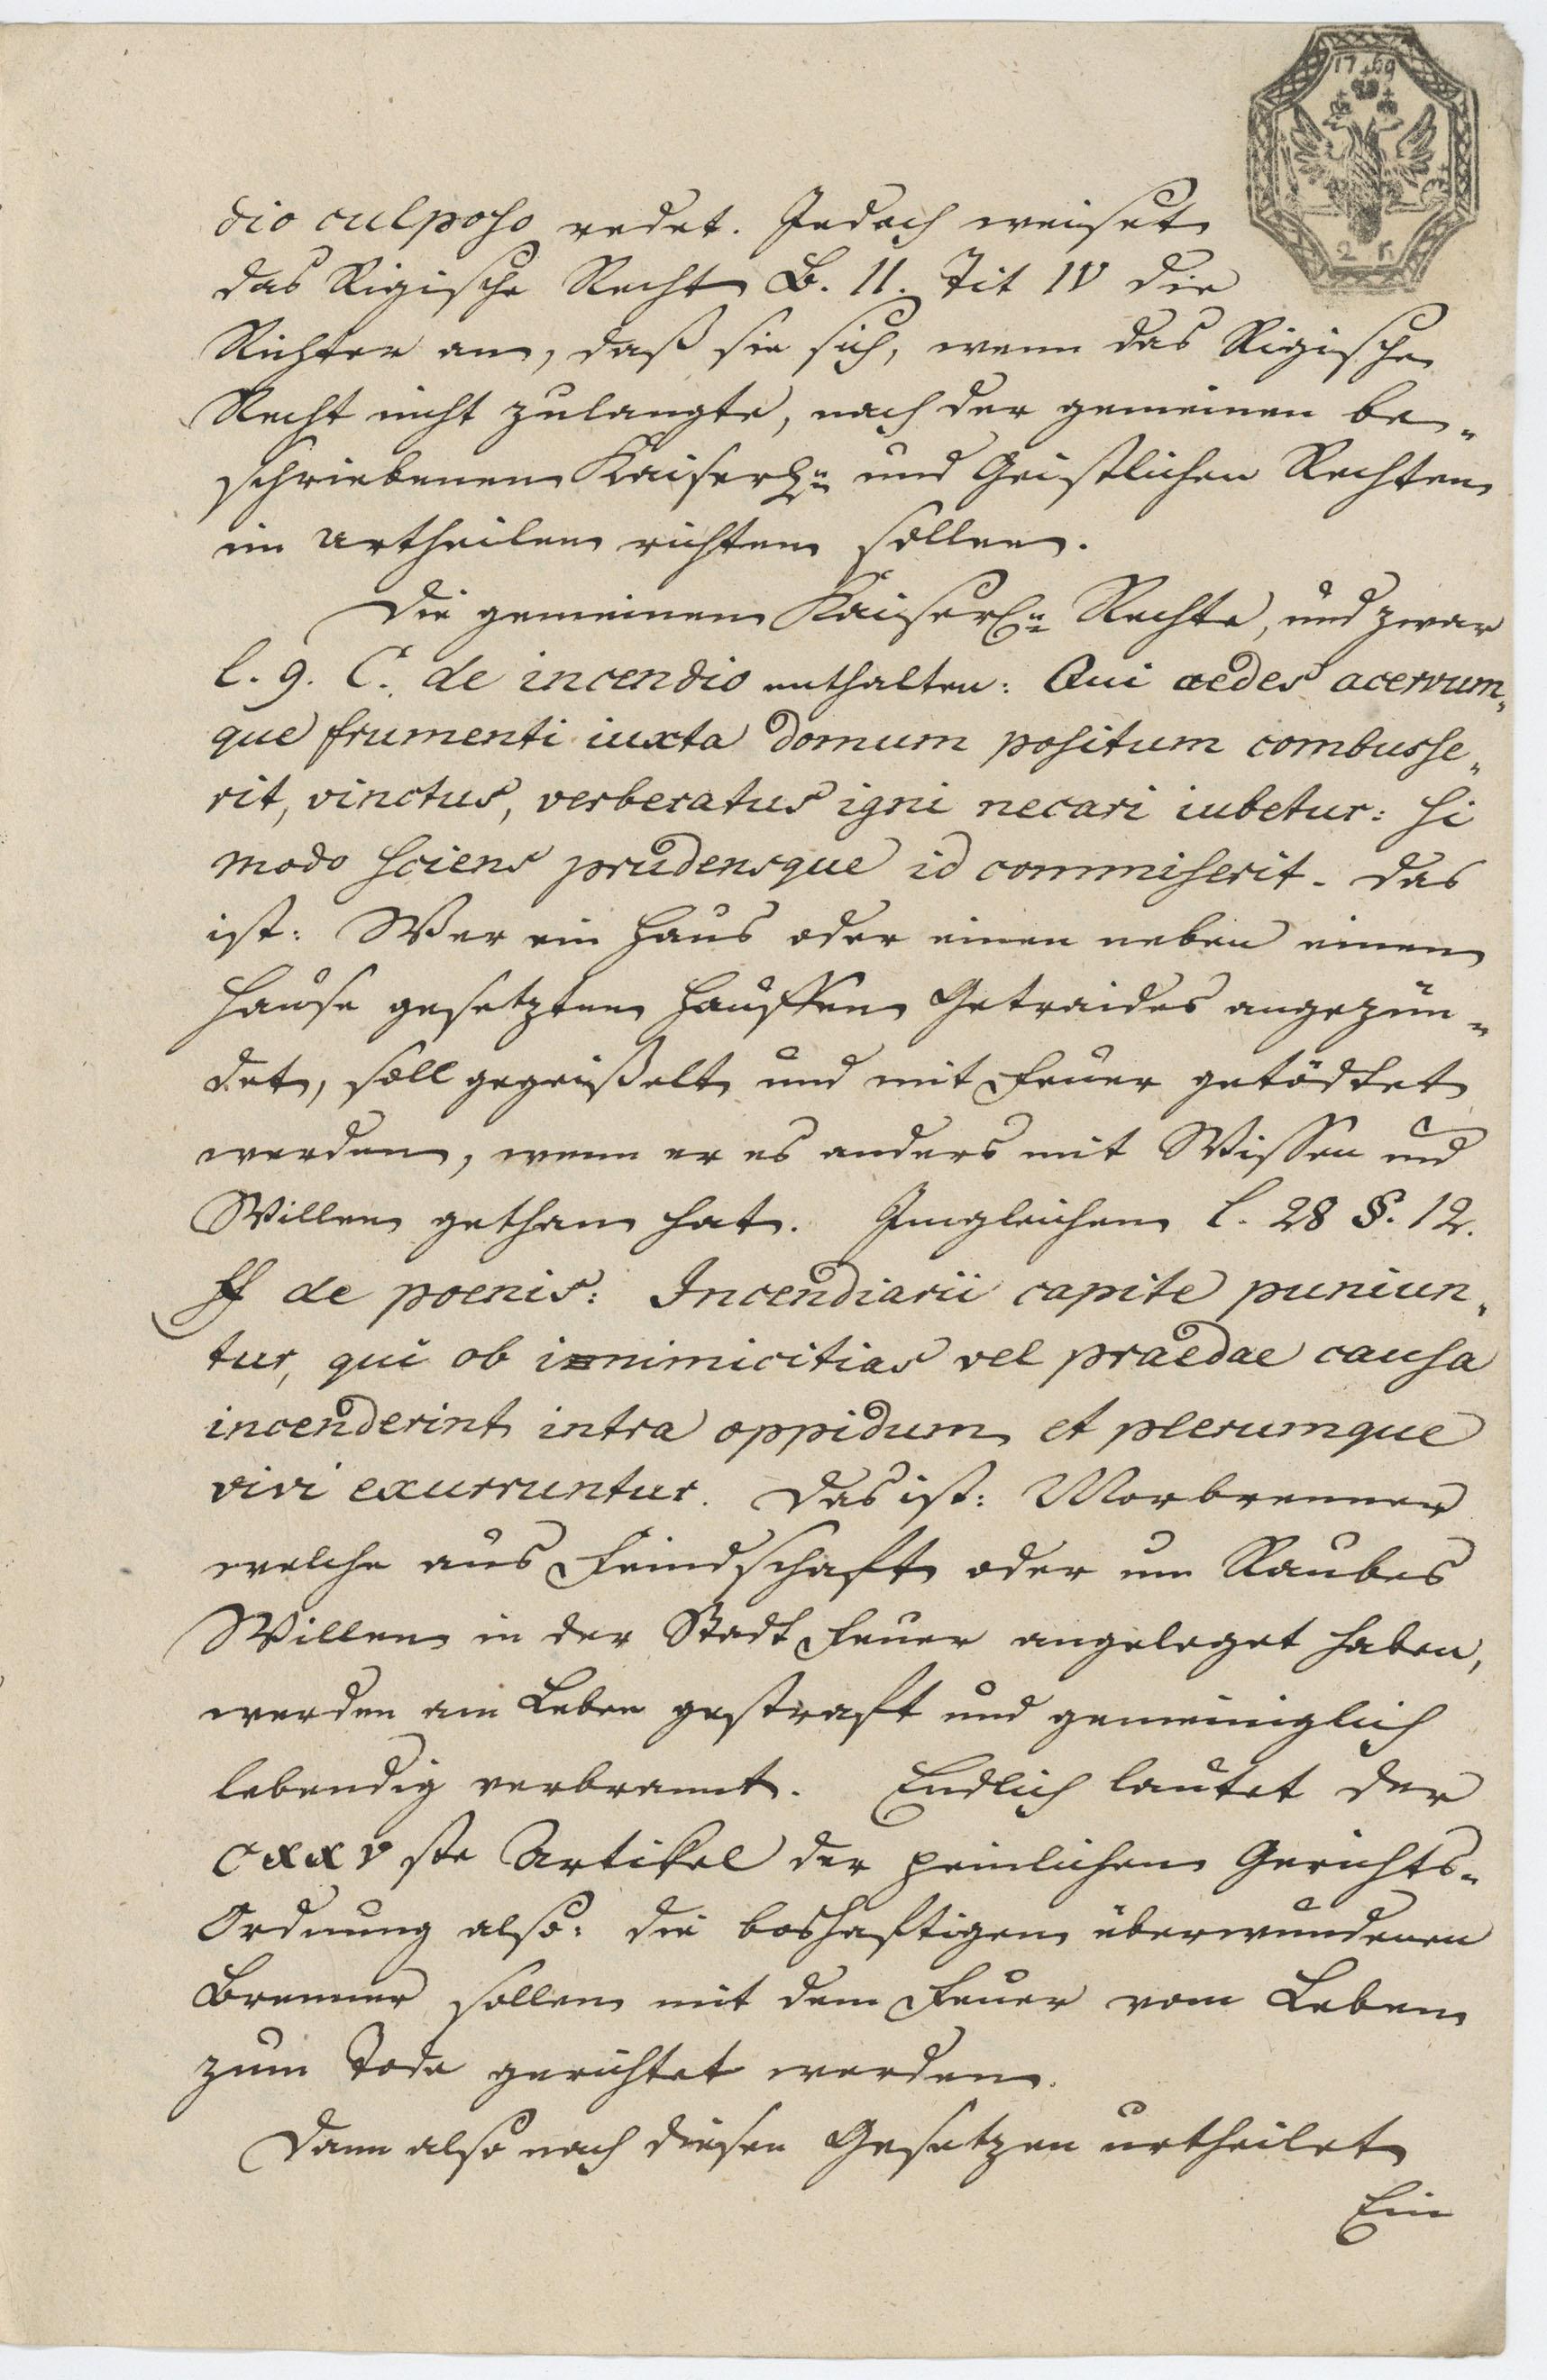 Kriminaaluurimise toimik Karja Miku tütre Liso süütamise asjus. EAA.995.1.2948.